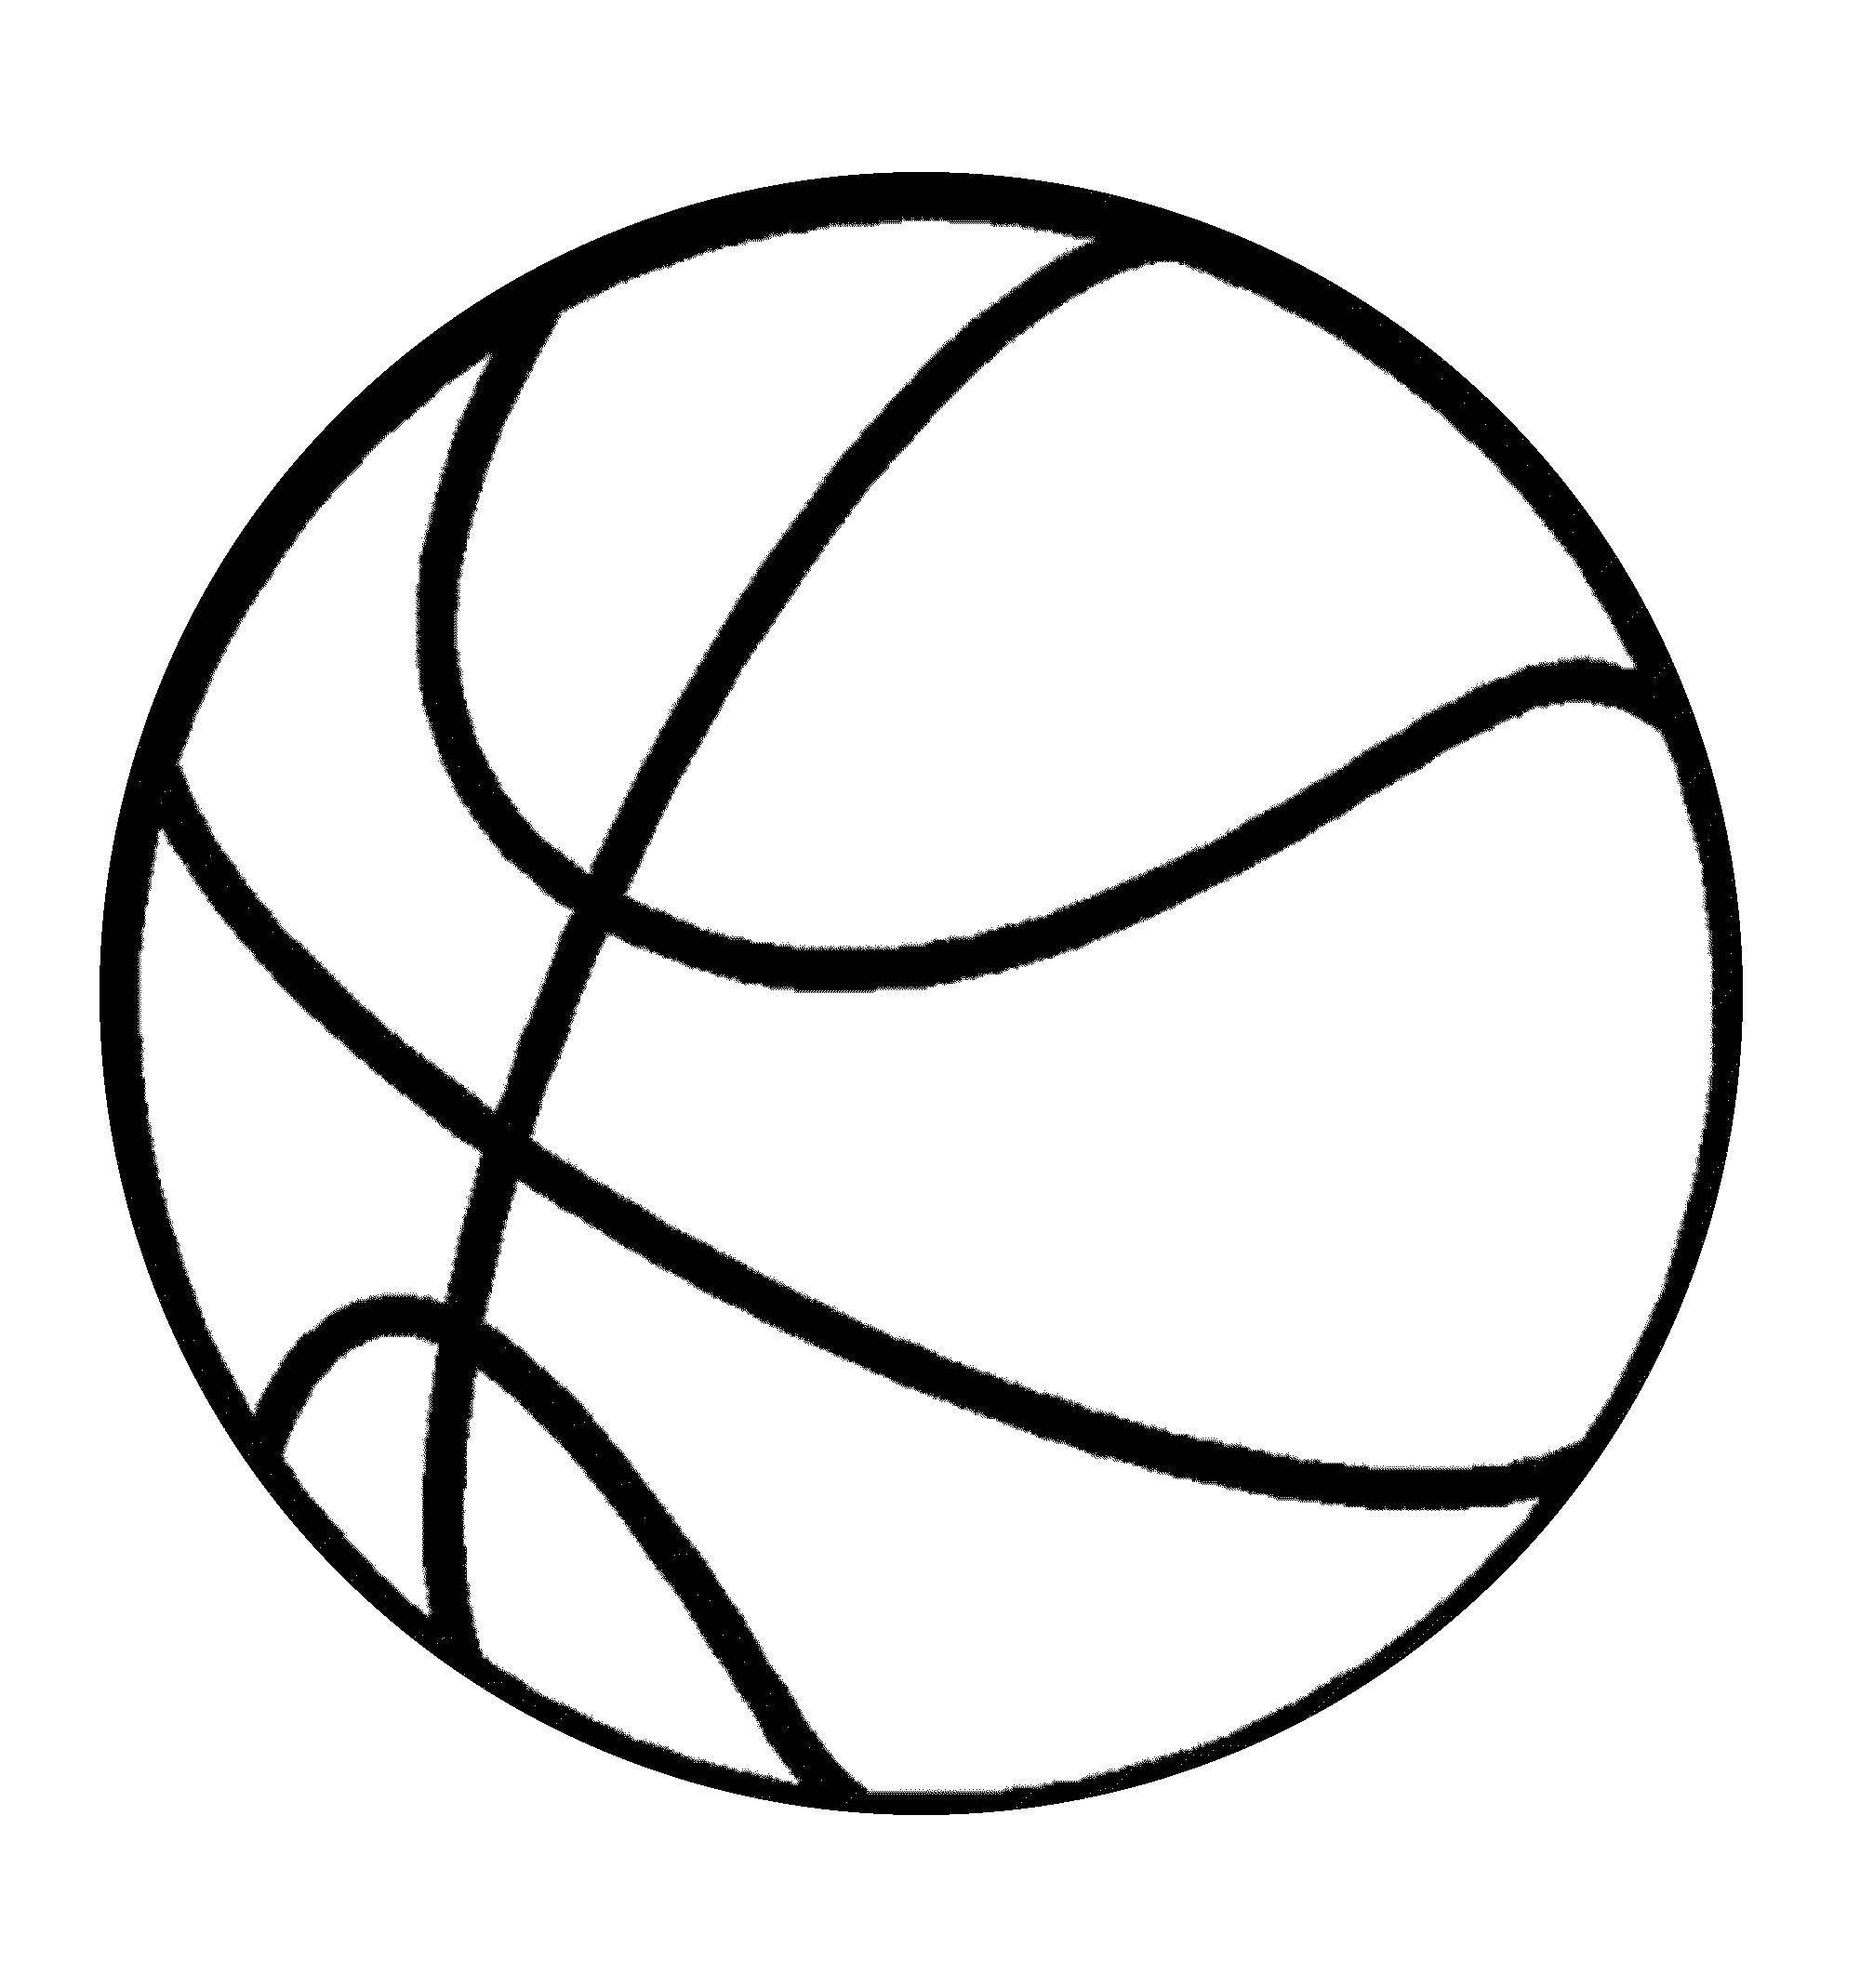 рисование мячика картинки методкабинете методист